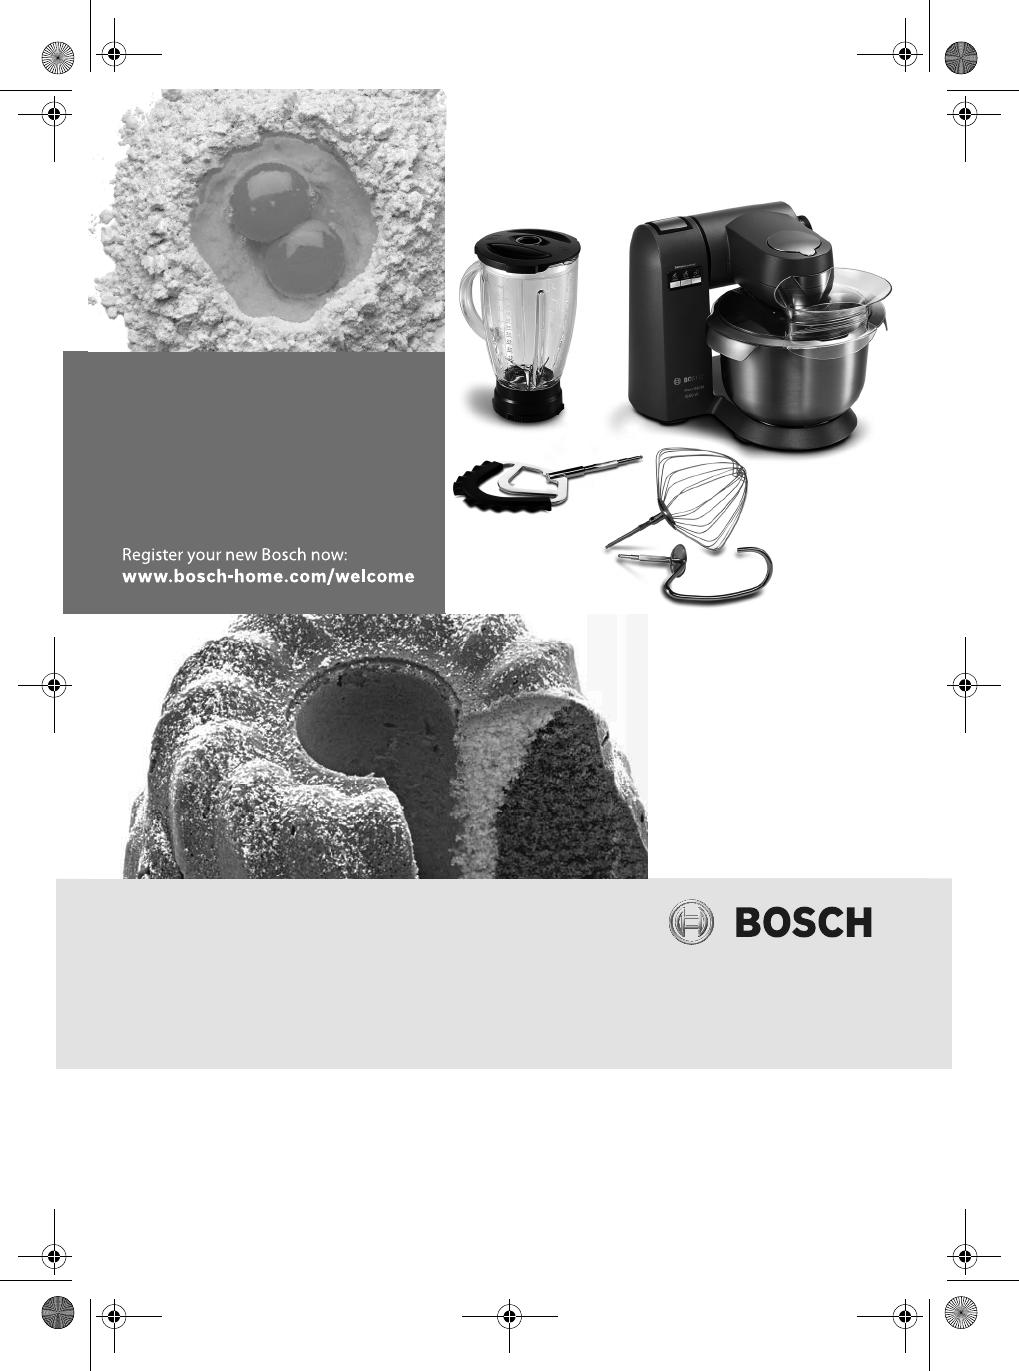 Bedienungsanleitung Bosch Mumx50gxde 58 Seiten